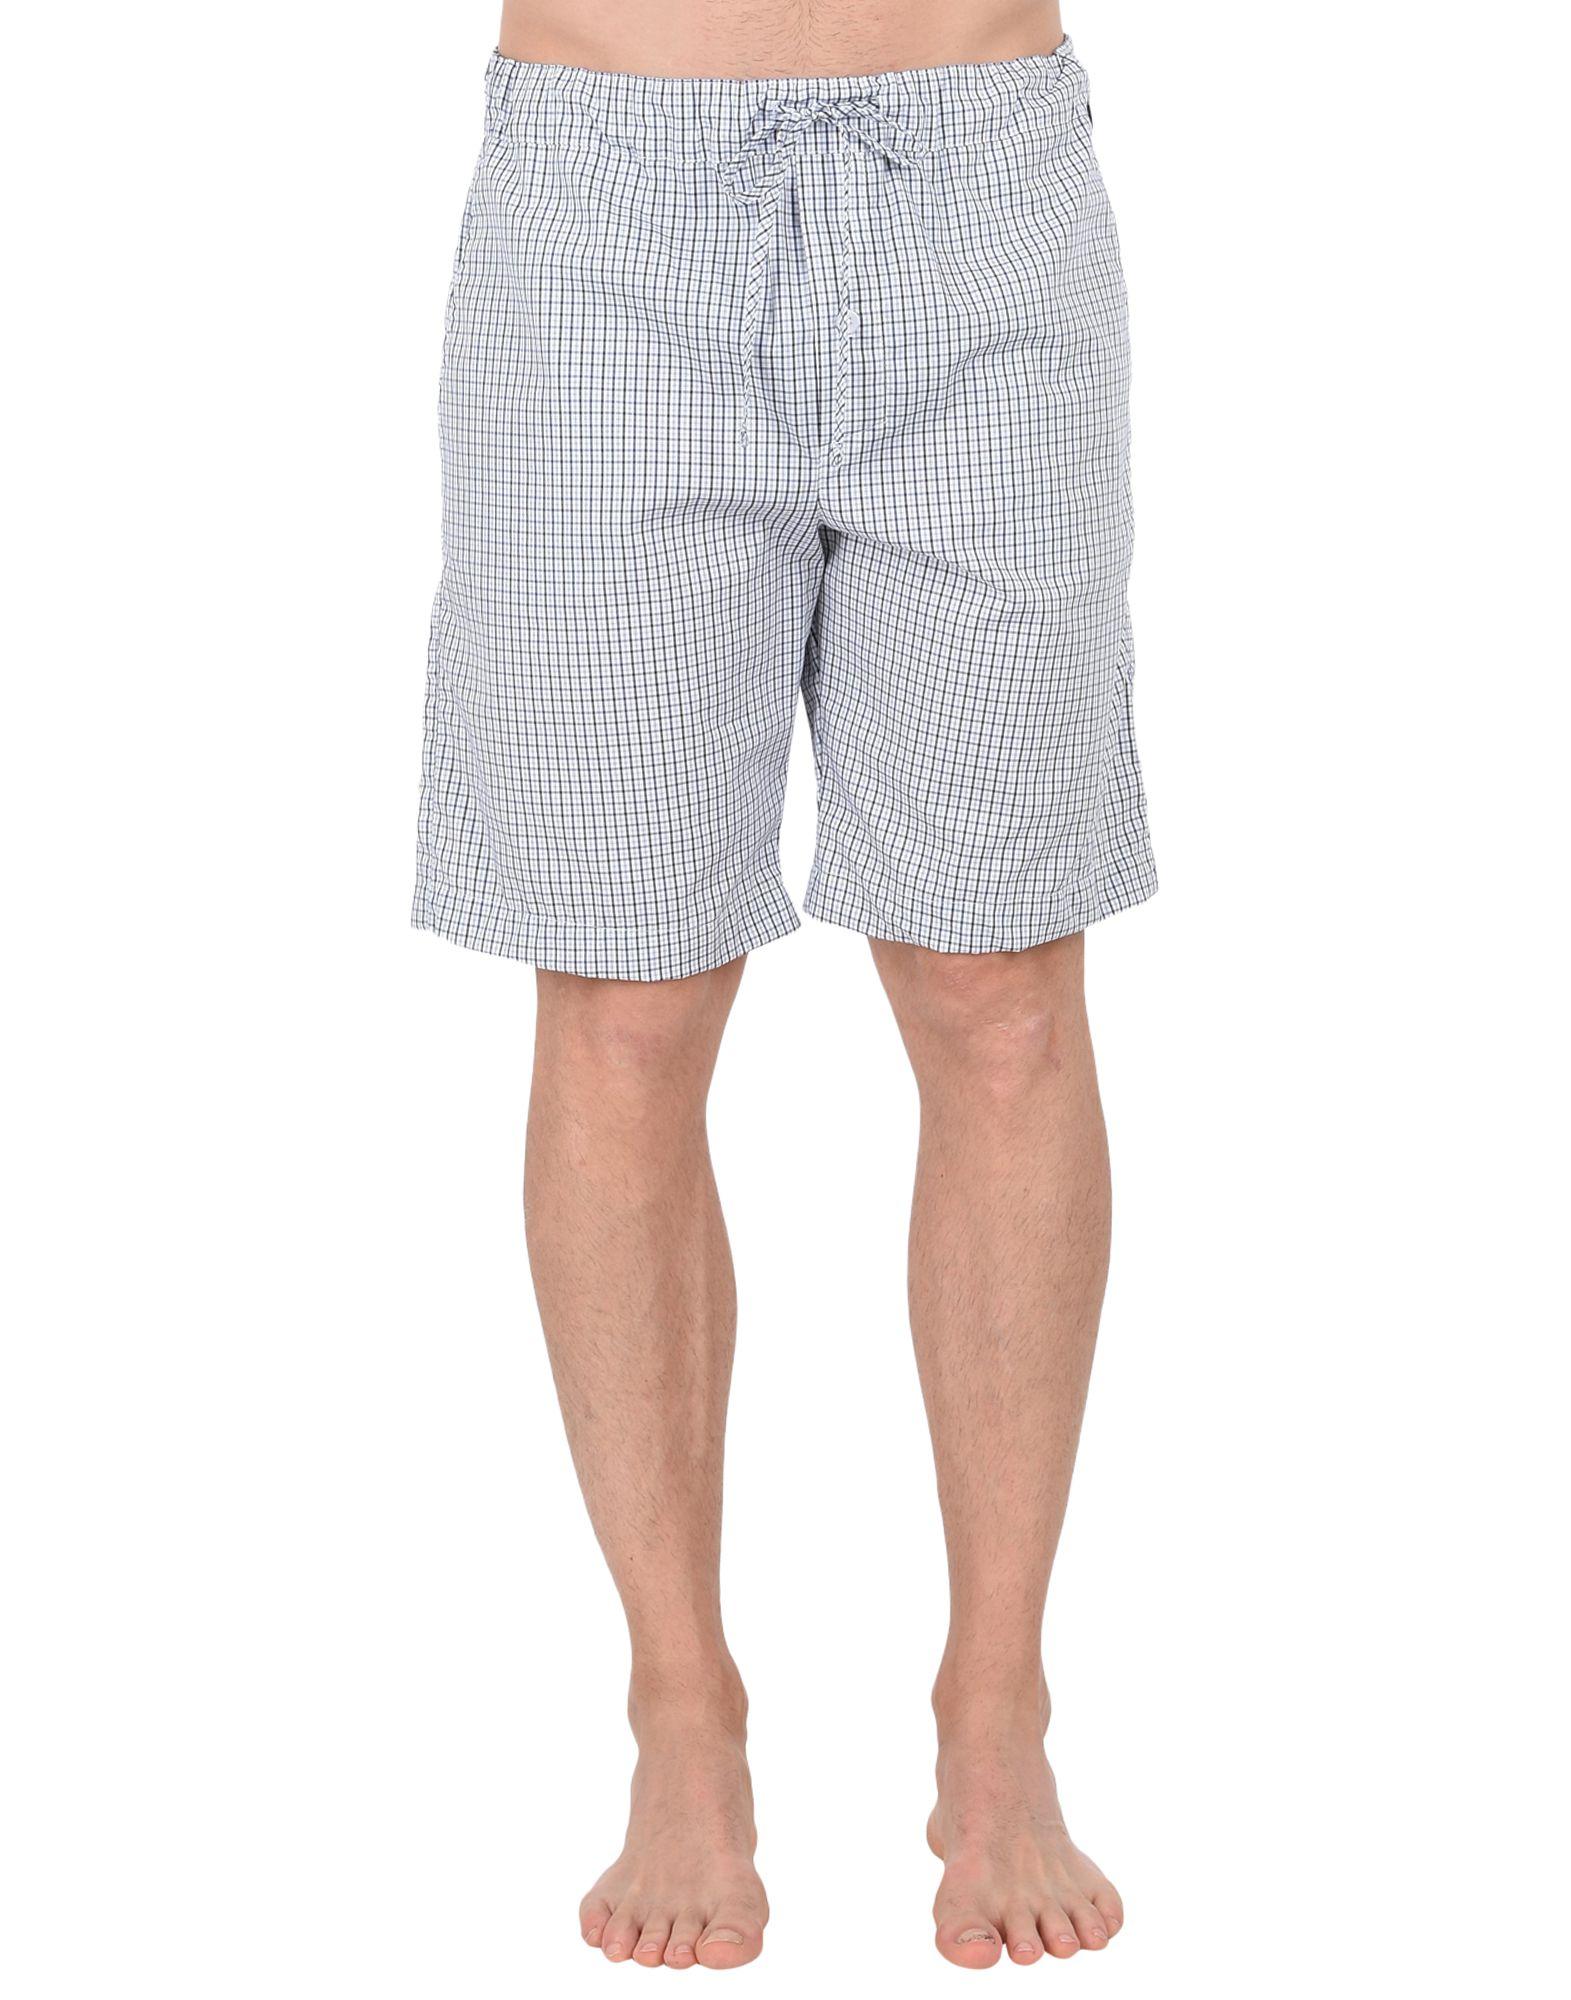 《送料無料》HANRO メンズ パジャマ ホワイト S コットン 100% 075433 Hose kurz